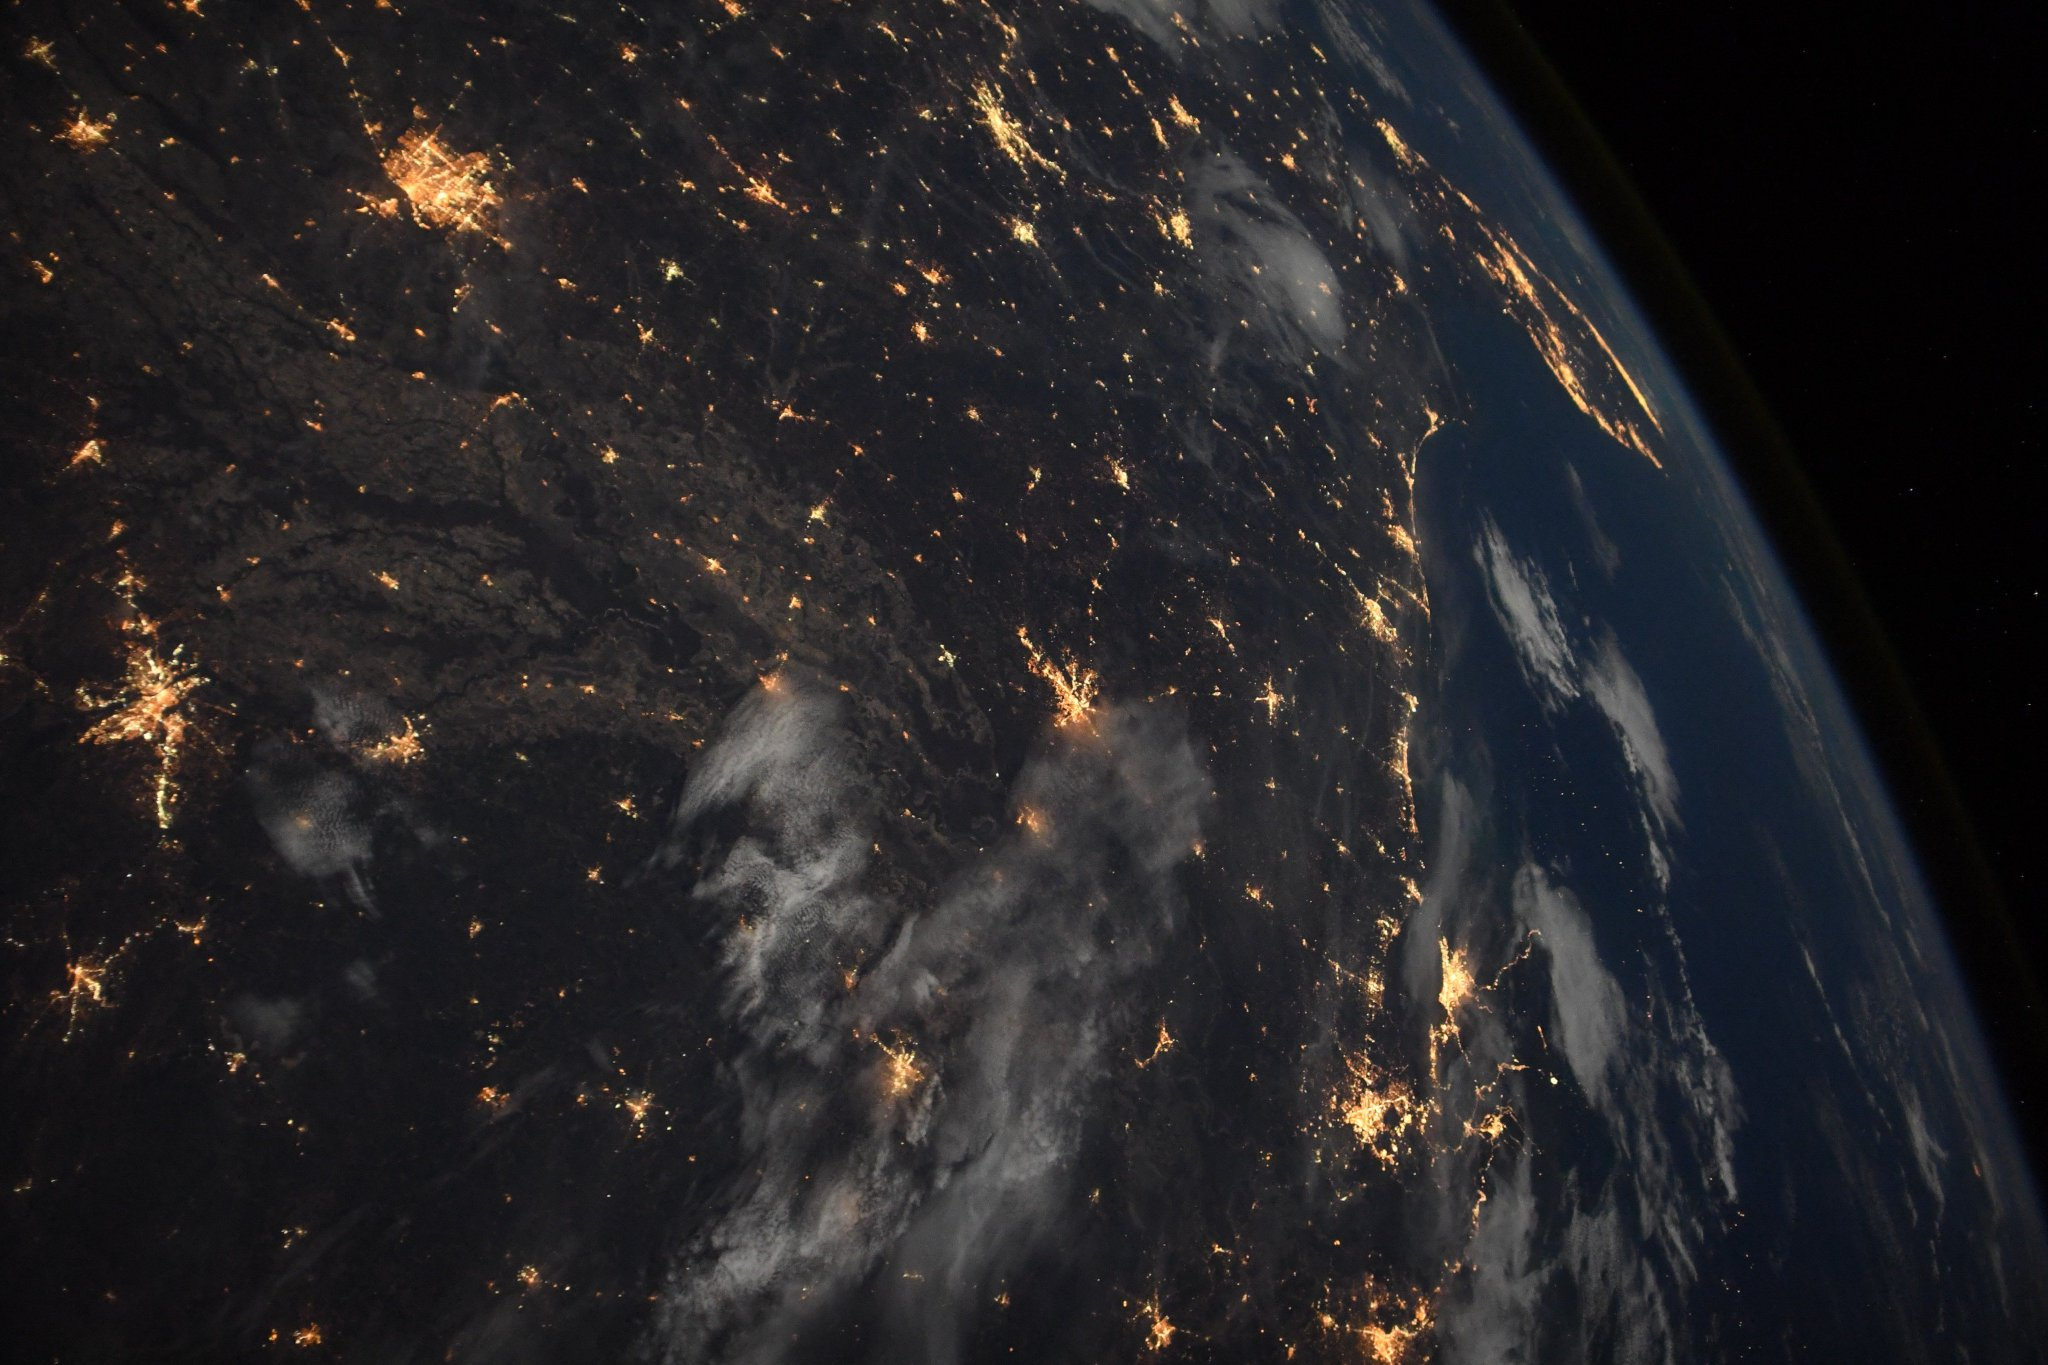 сотрудничаем напрямую самое дальнее фото из космоса того